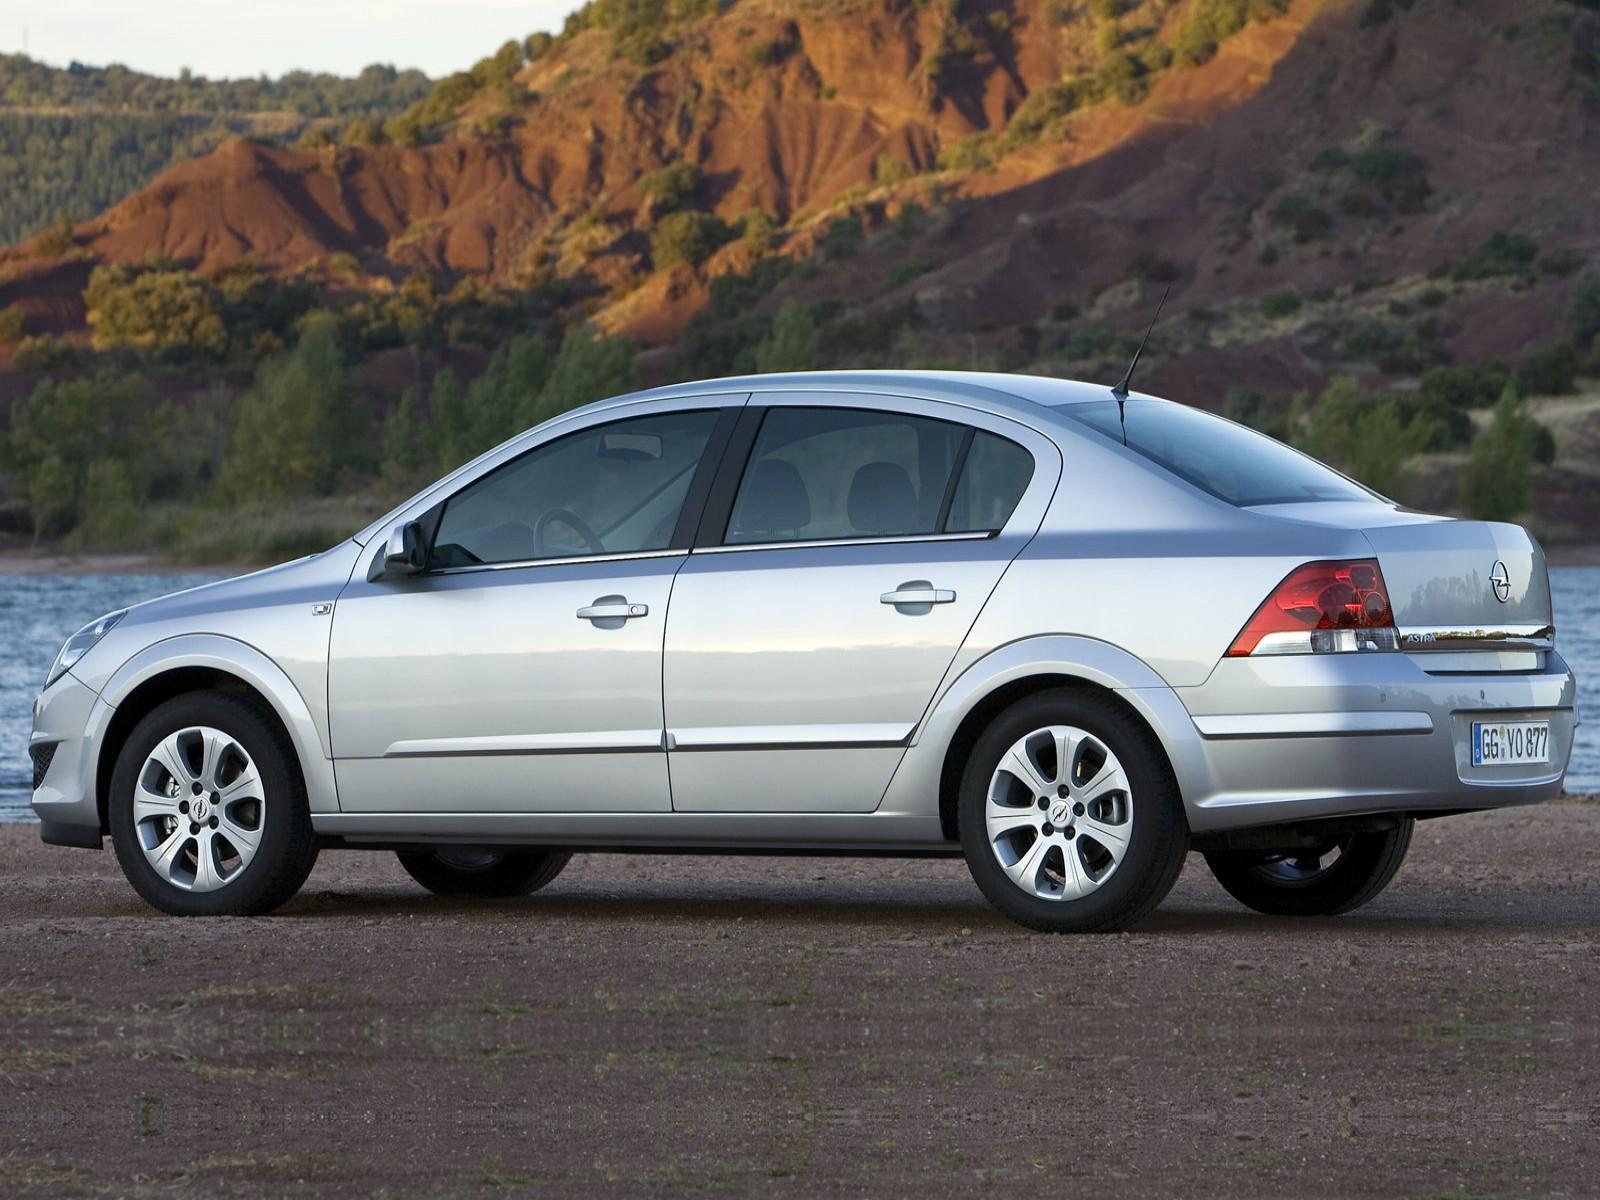 Car And Car Zone: Opel Astra Sedan 2007 New Cars, Car